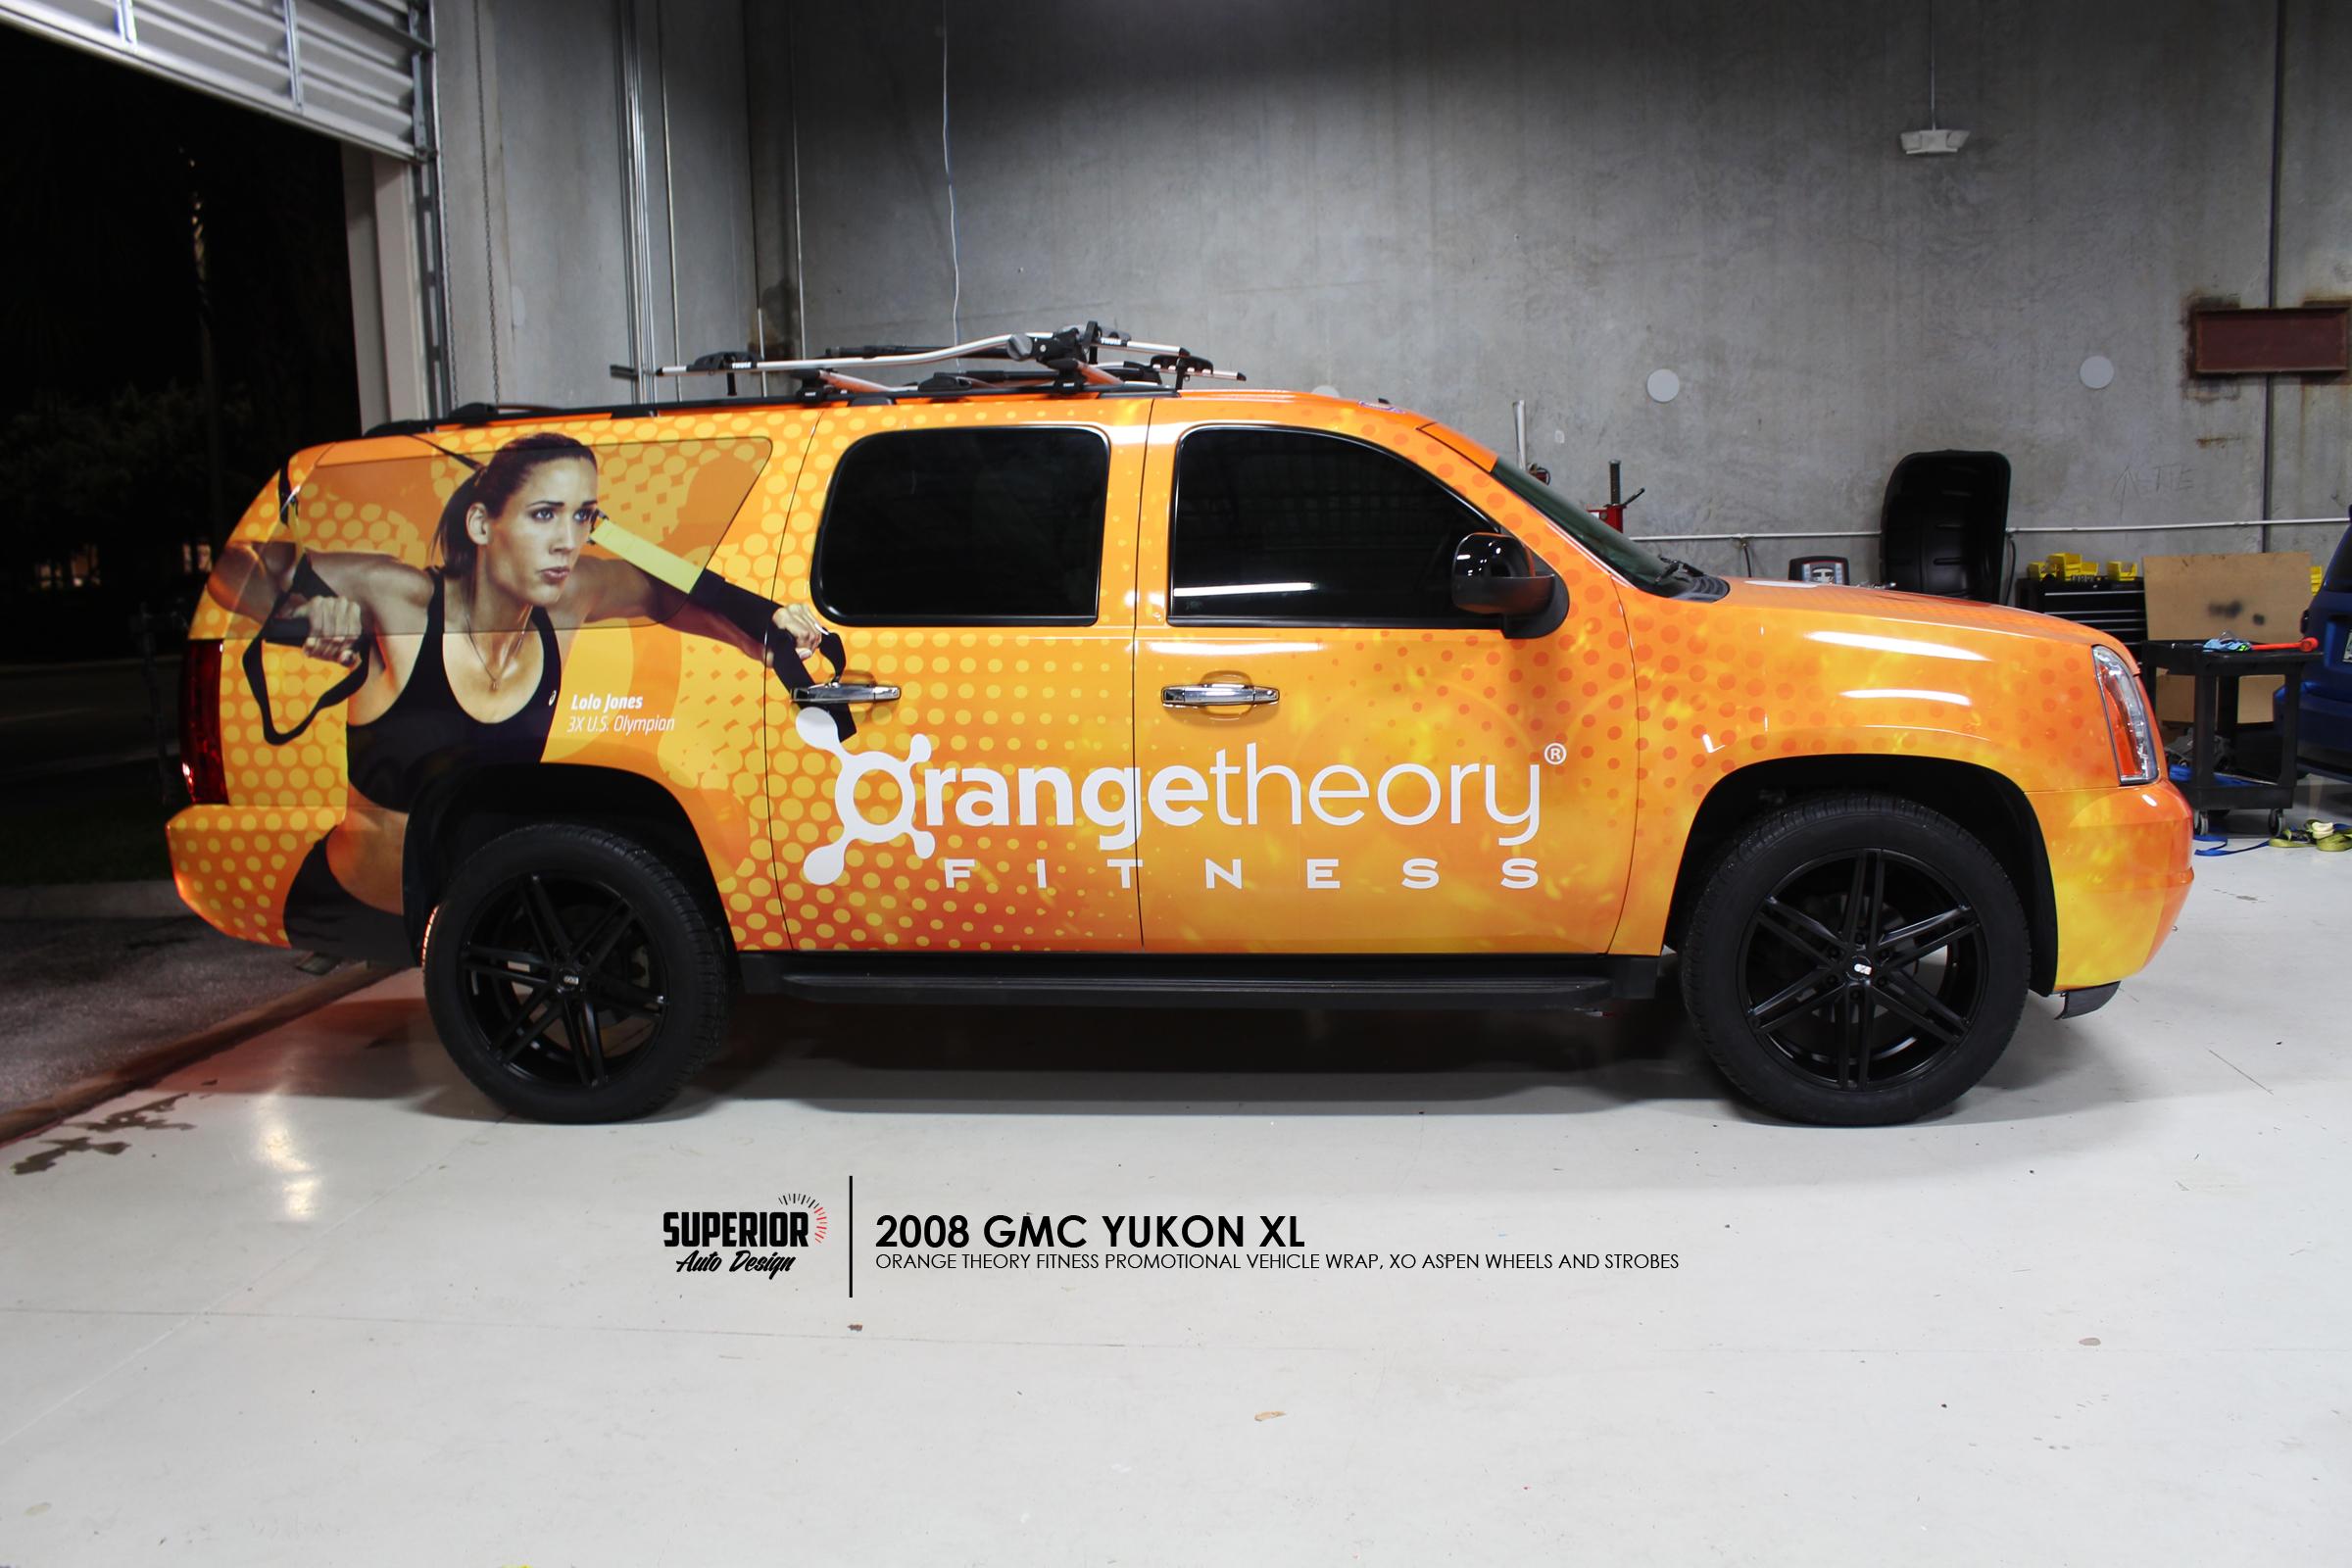 ORANGE THEORY FITNESS YUKON WRAP SUPERIOR AUTO DESIGN 5